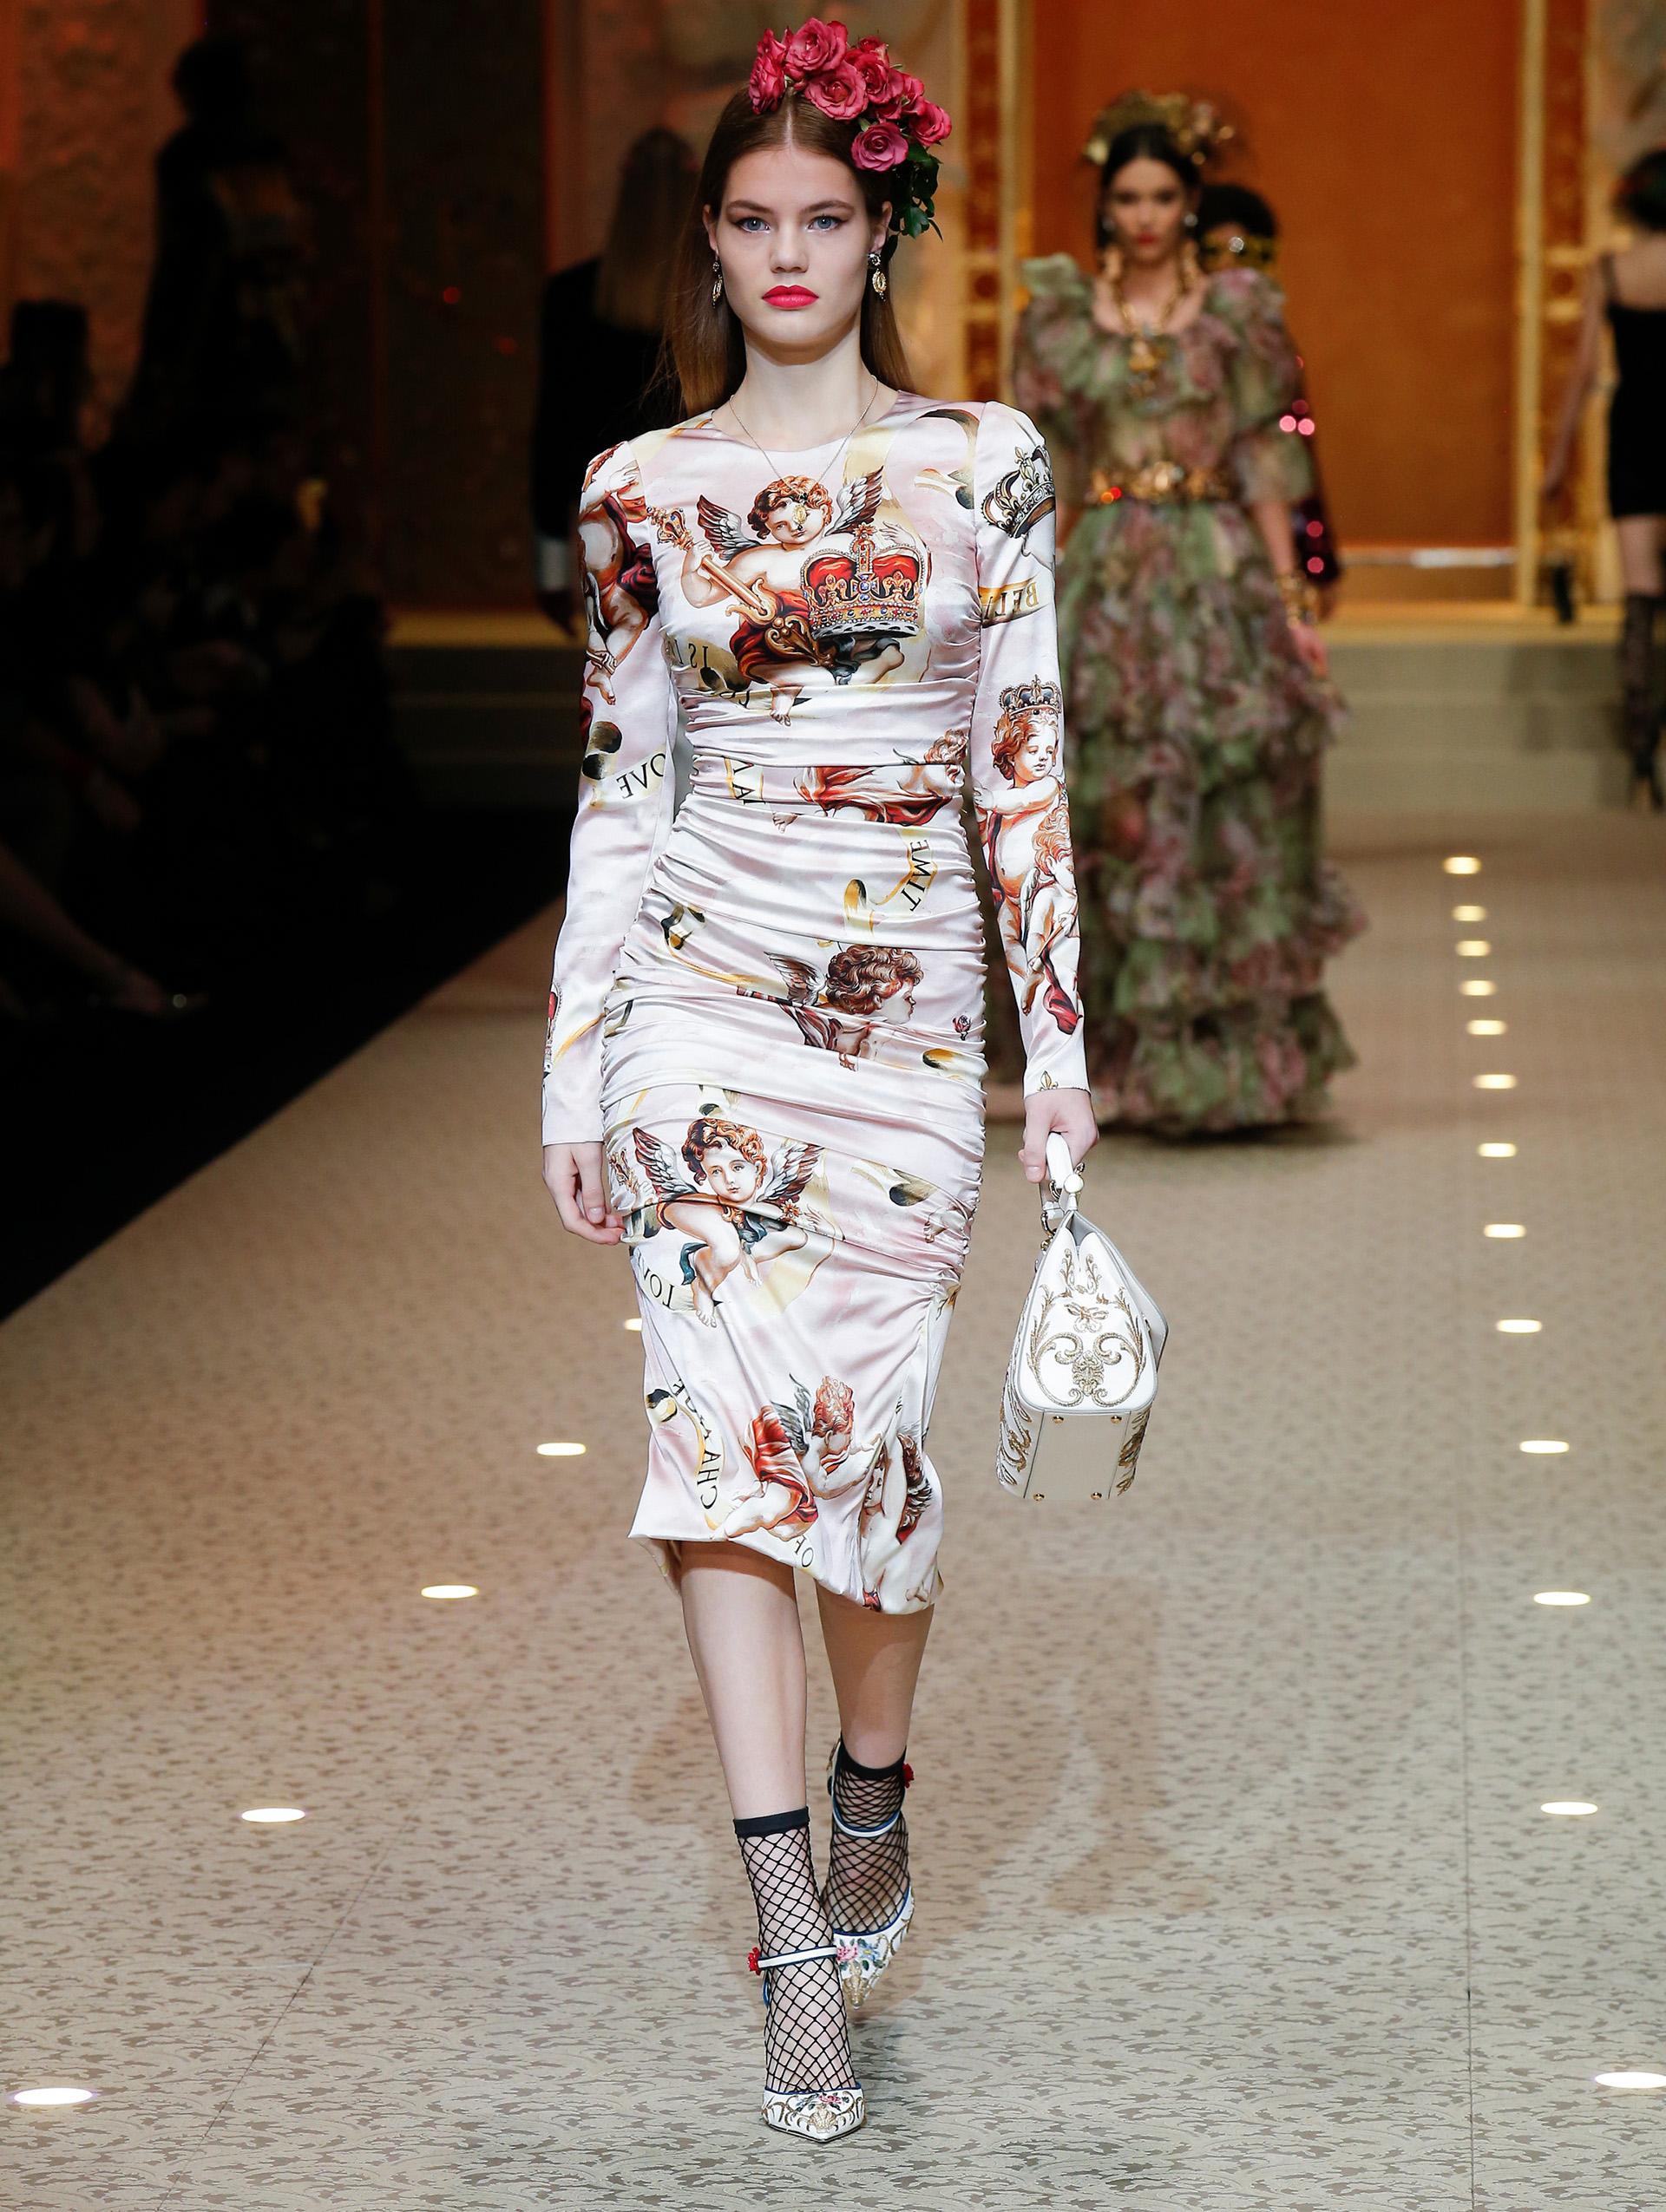 Дольче Габбана: мода на осень 2018/2019 в стиле барокко (фото)